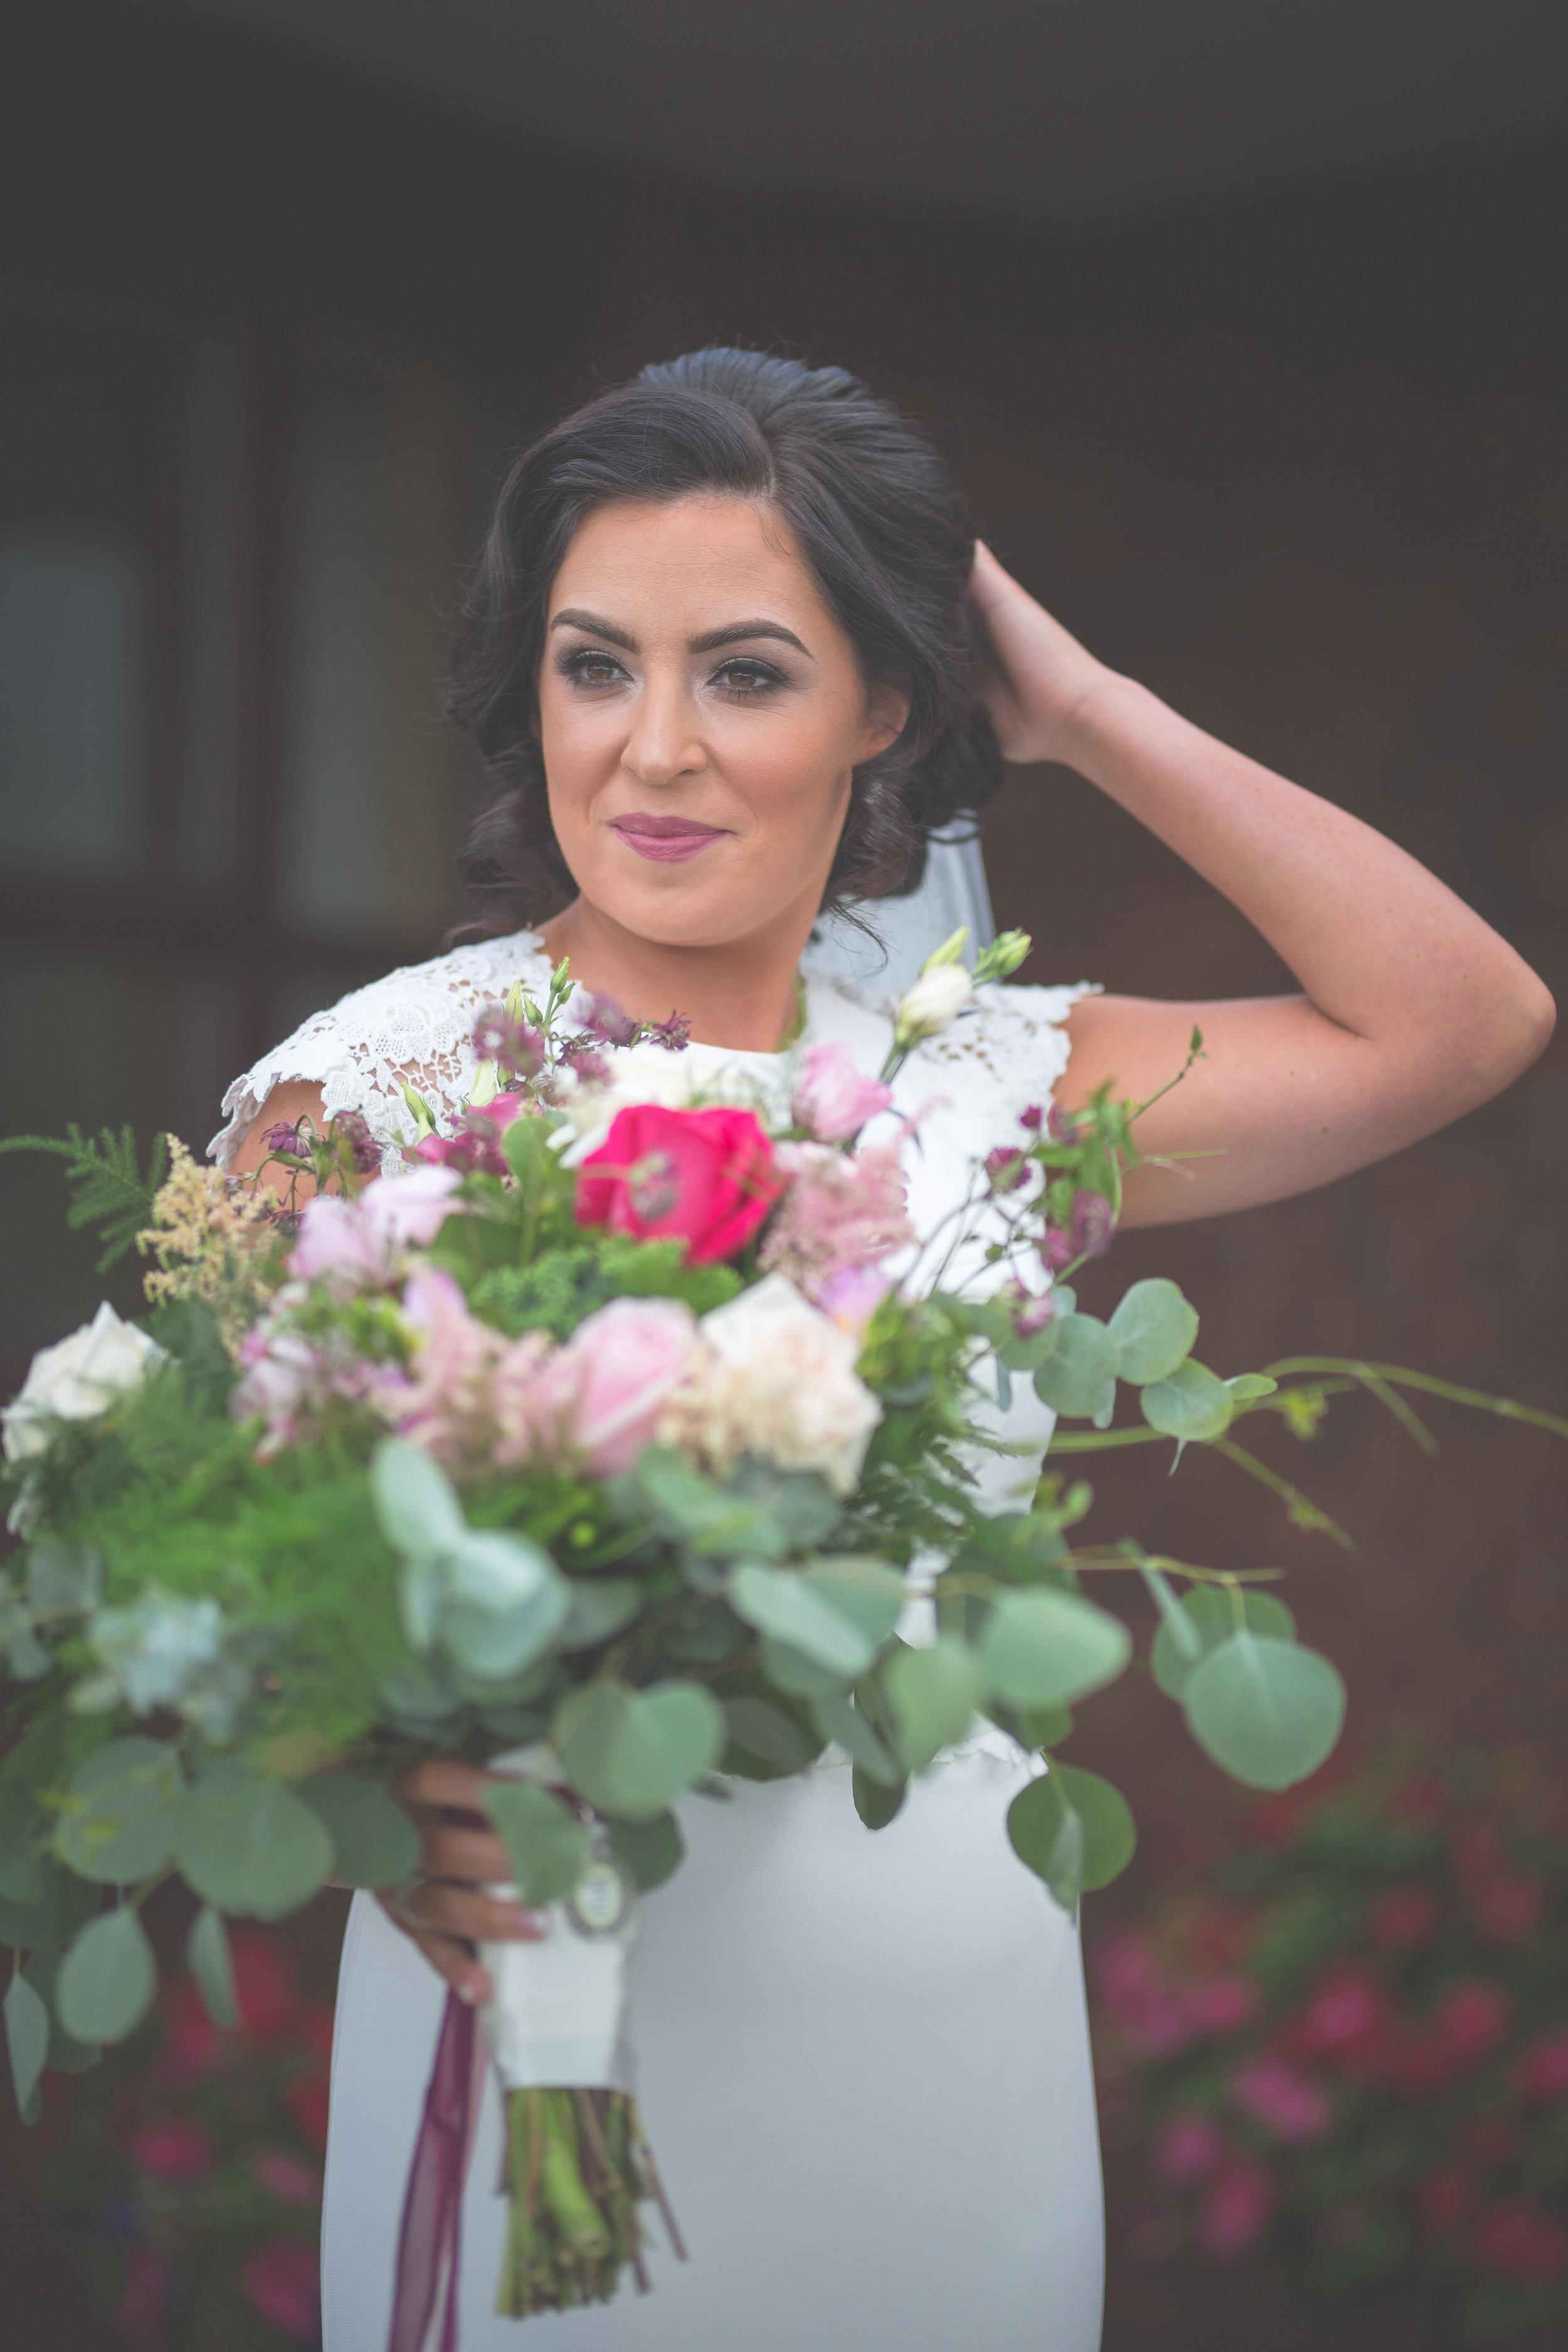 Brian McEwan Wedding Photography | Carol-Anne & Sean | Bridal Preparations-183.jpg